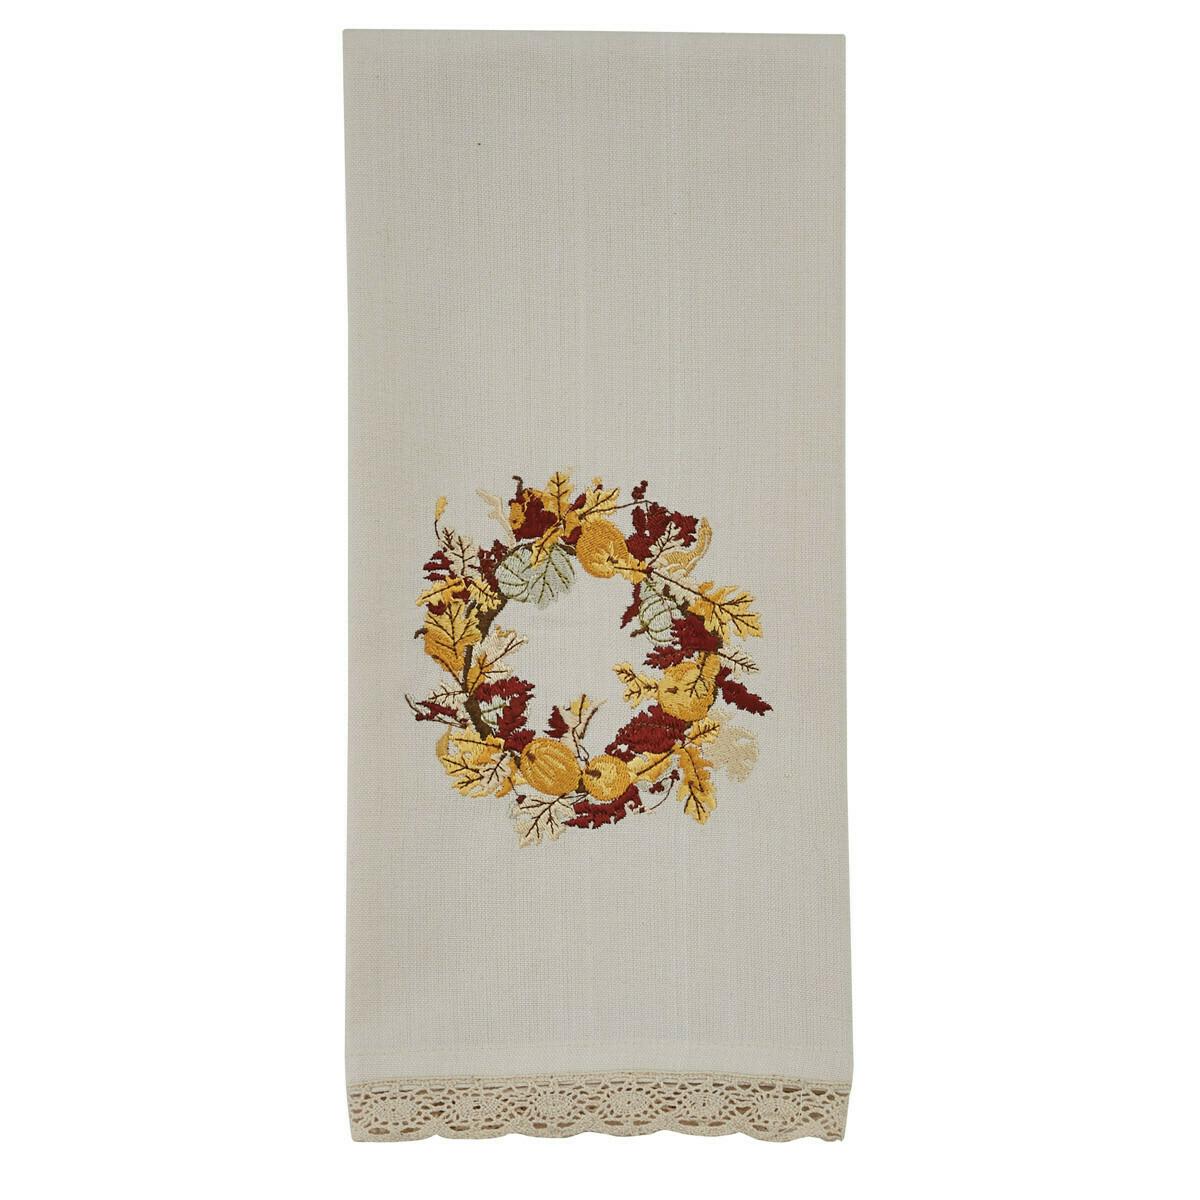 Harvest Wreath Embroidered Dishtowel